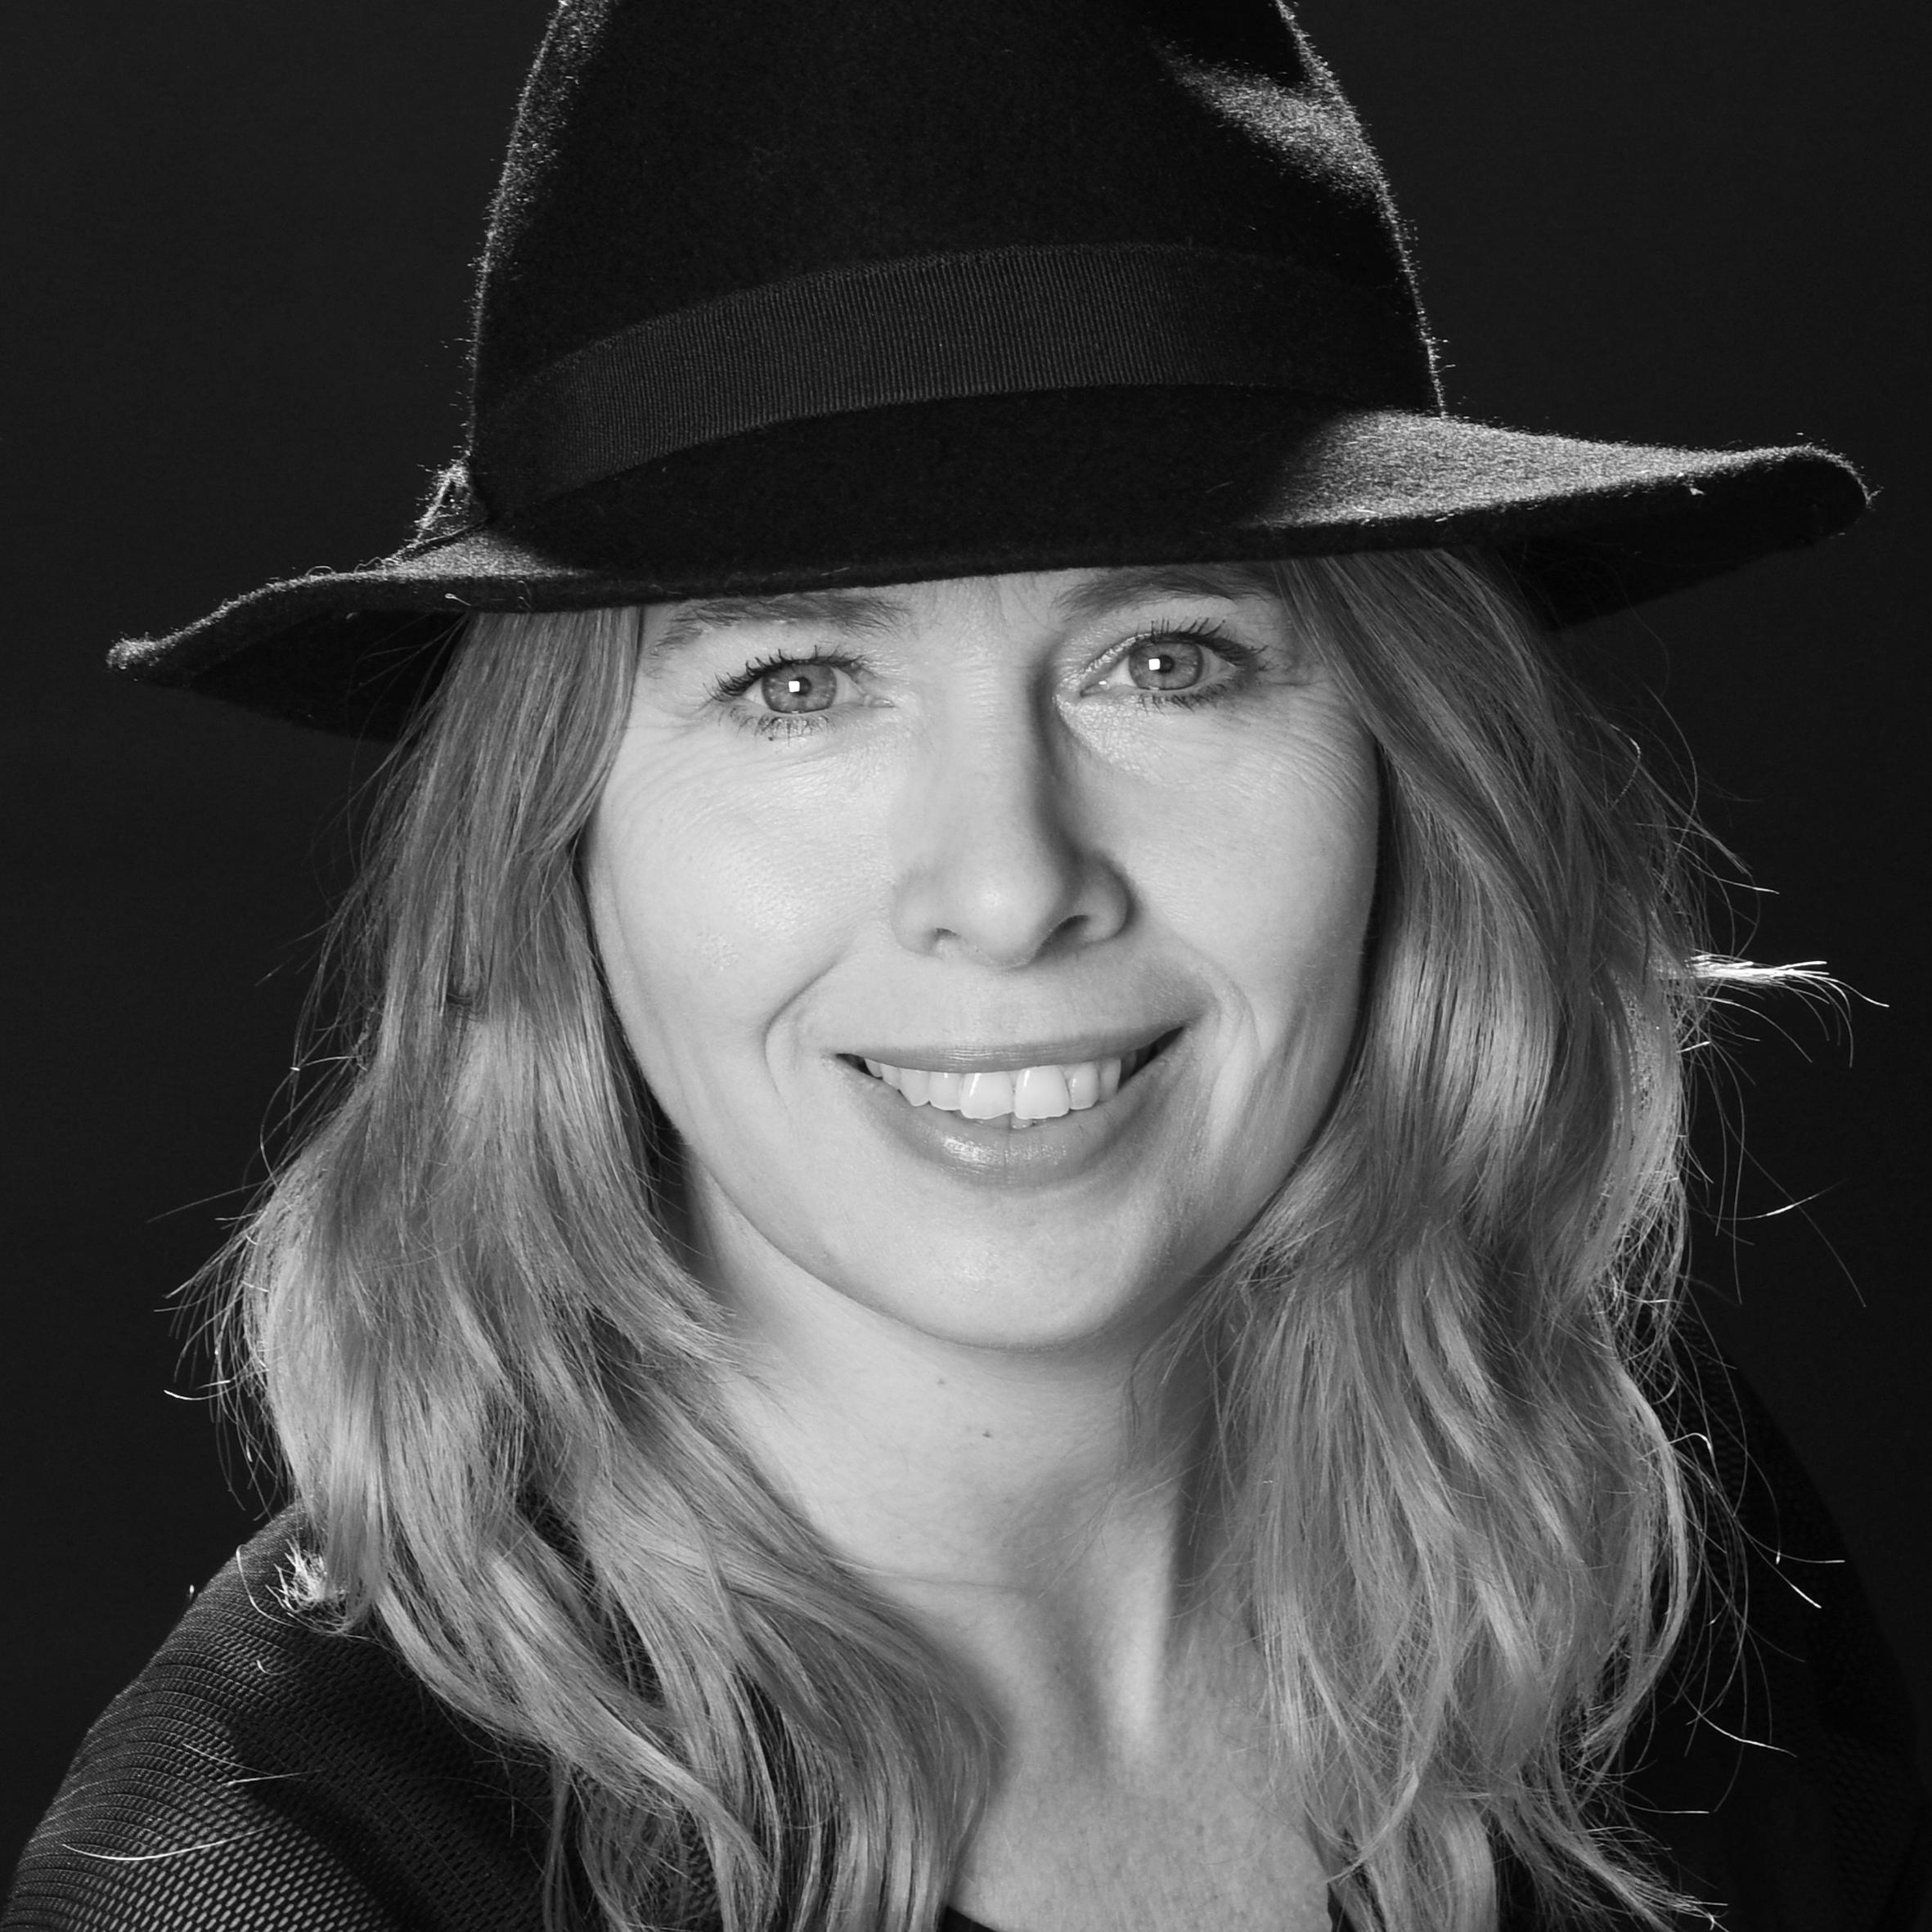 Brenda Riethoven Fotografie